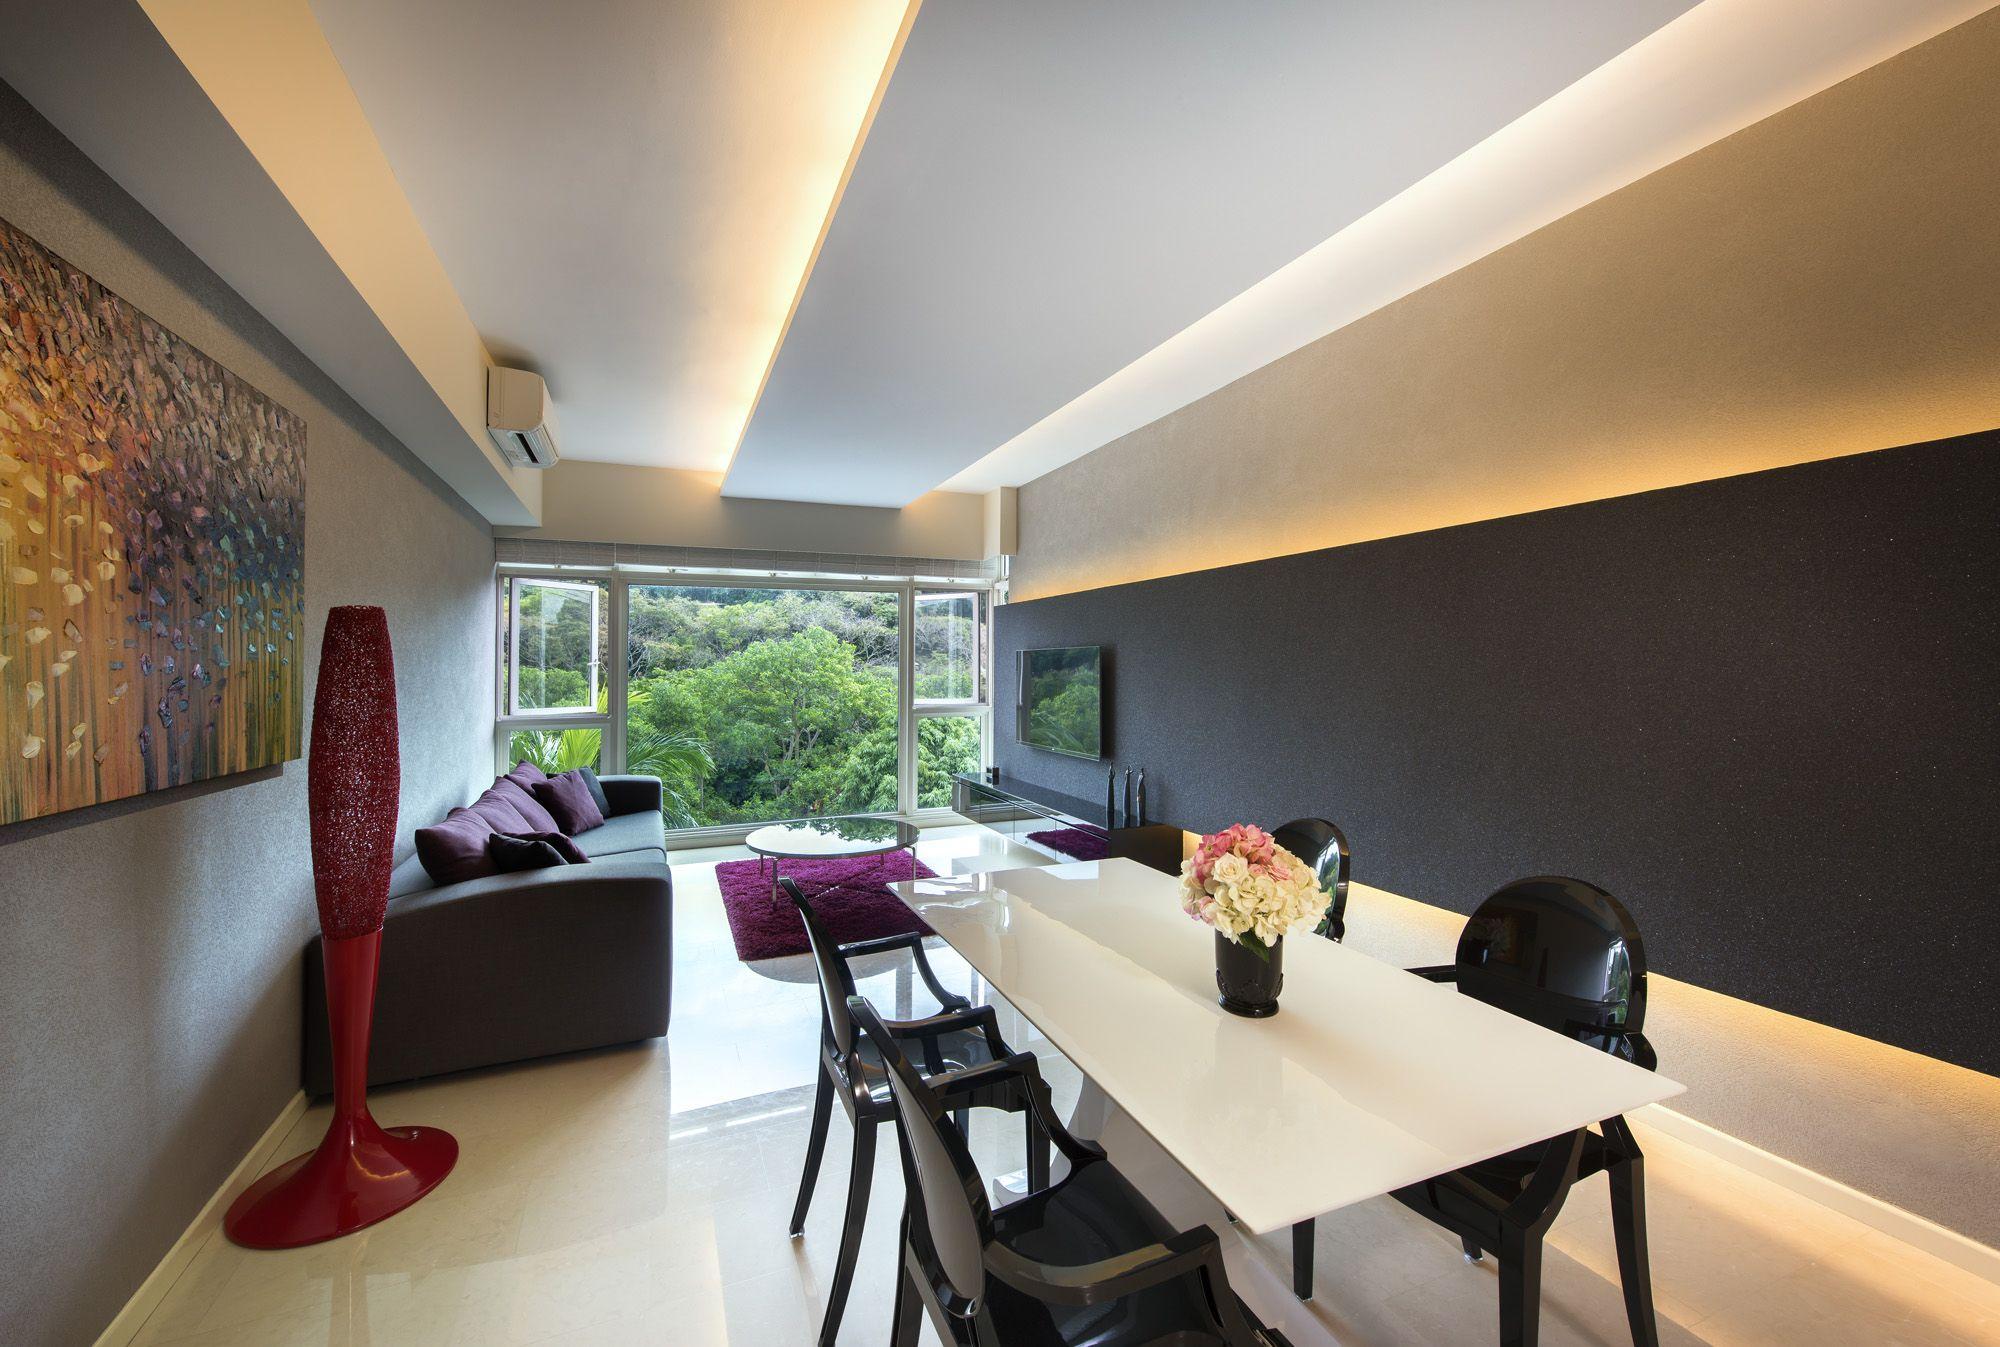 condo interior design ideas 1000 images about singapore ondominium renovations - Condo Bedroom Design